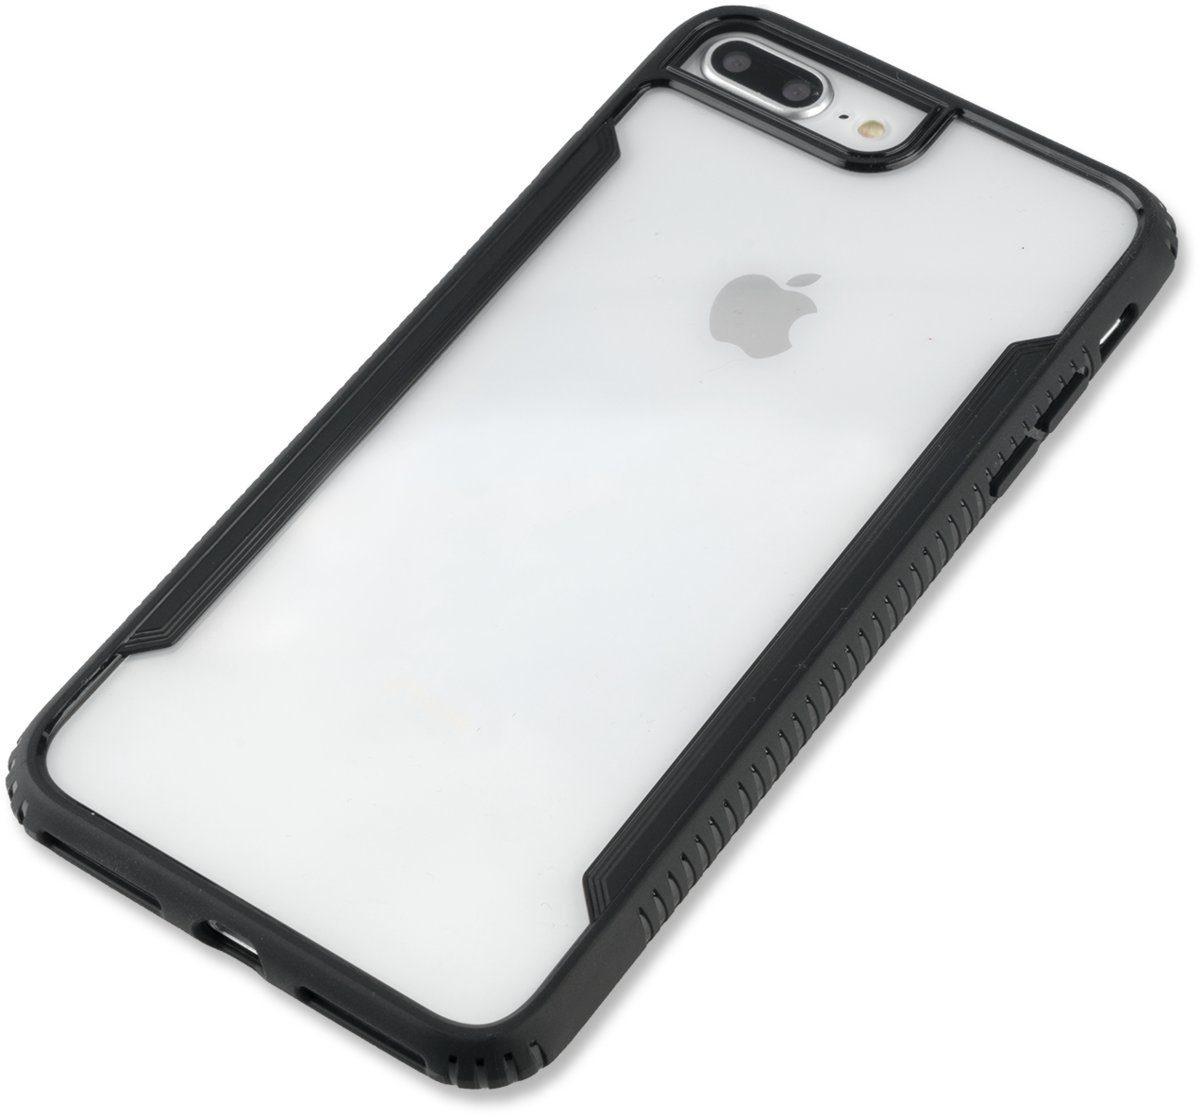 4Smarts Back »Hardcover Clip-On Premium KNOX für iPhone 7/8 Plus«